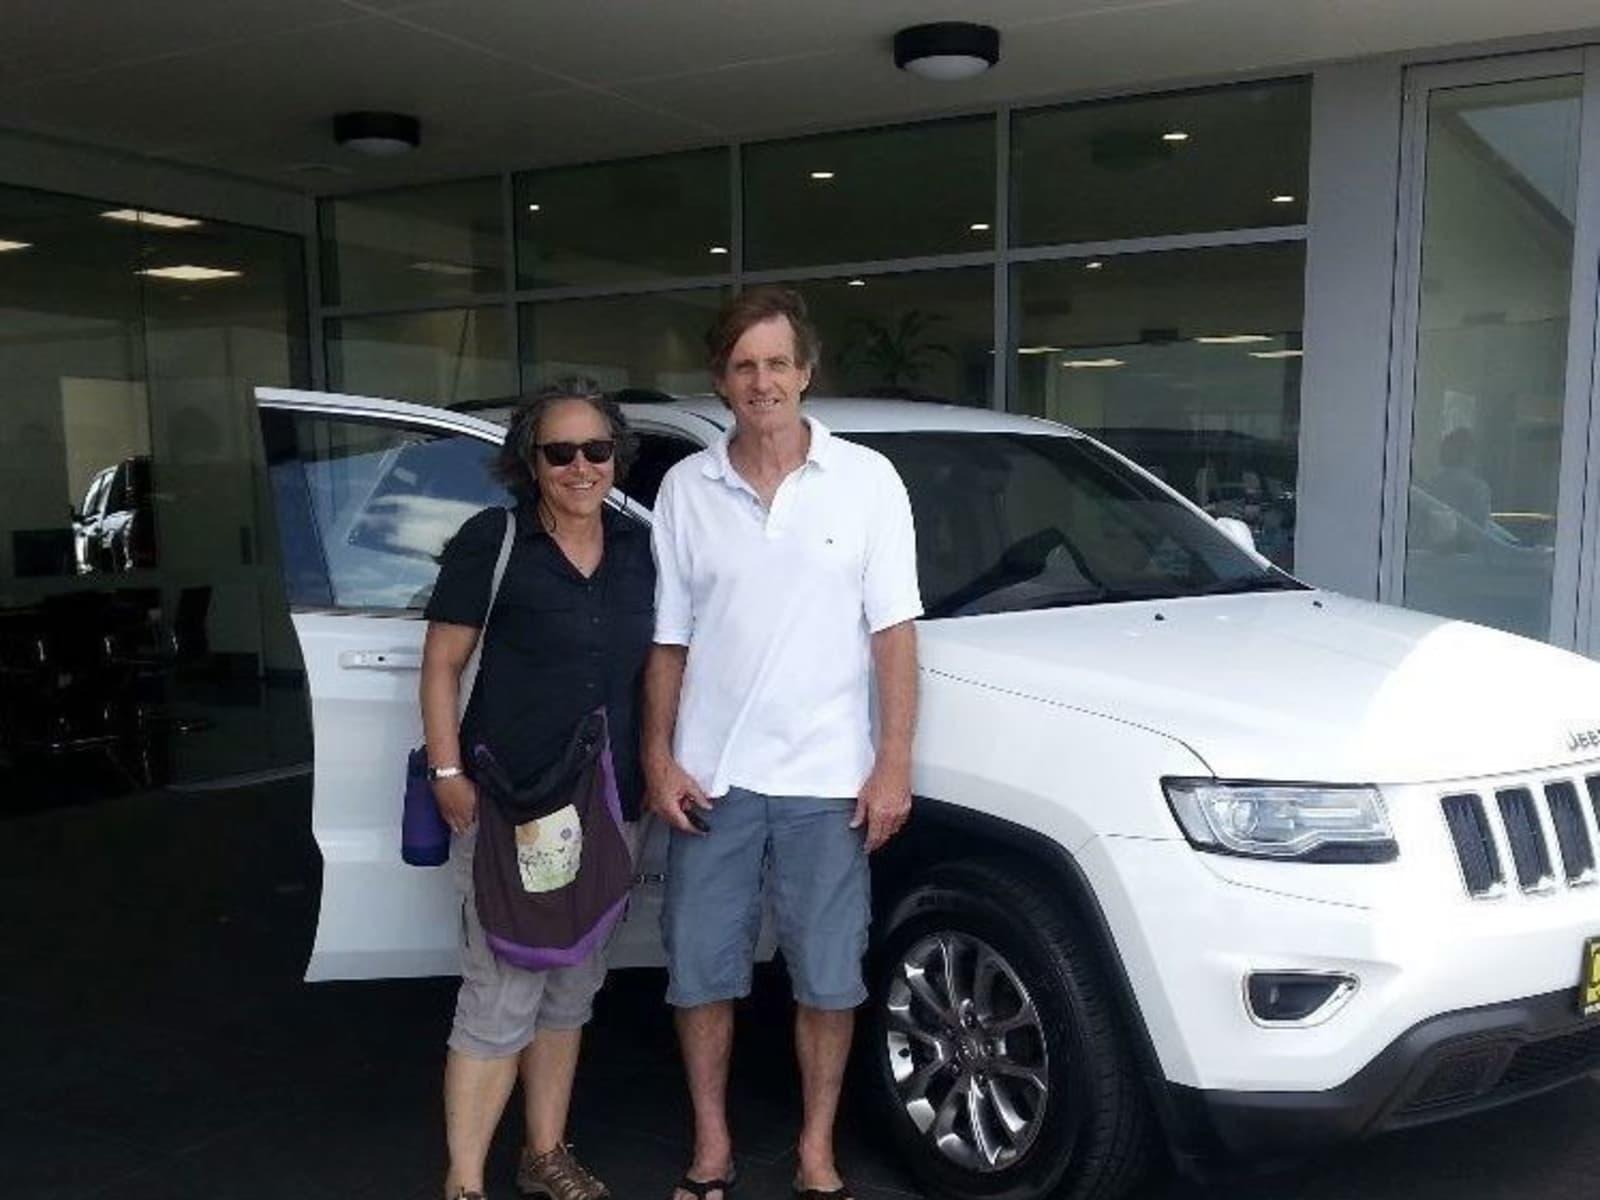 Kerrie & Tony from Cabarita Beach, New South Wales, Australia